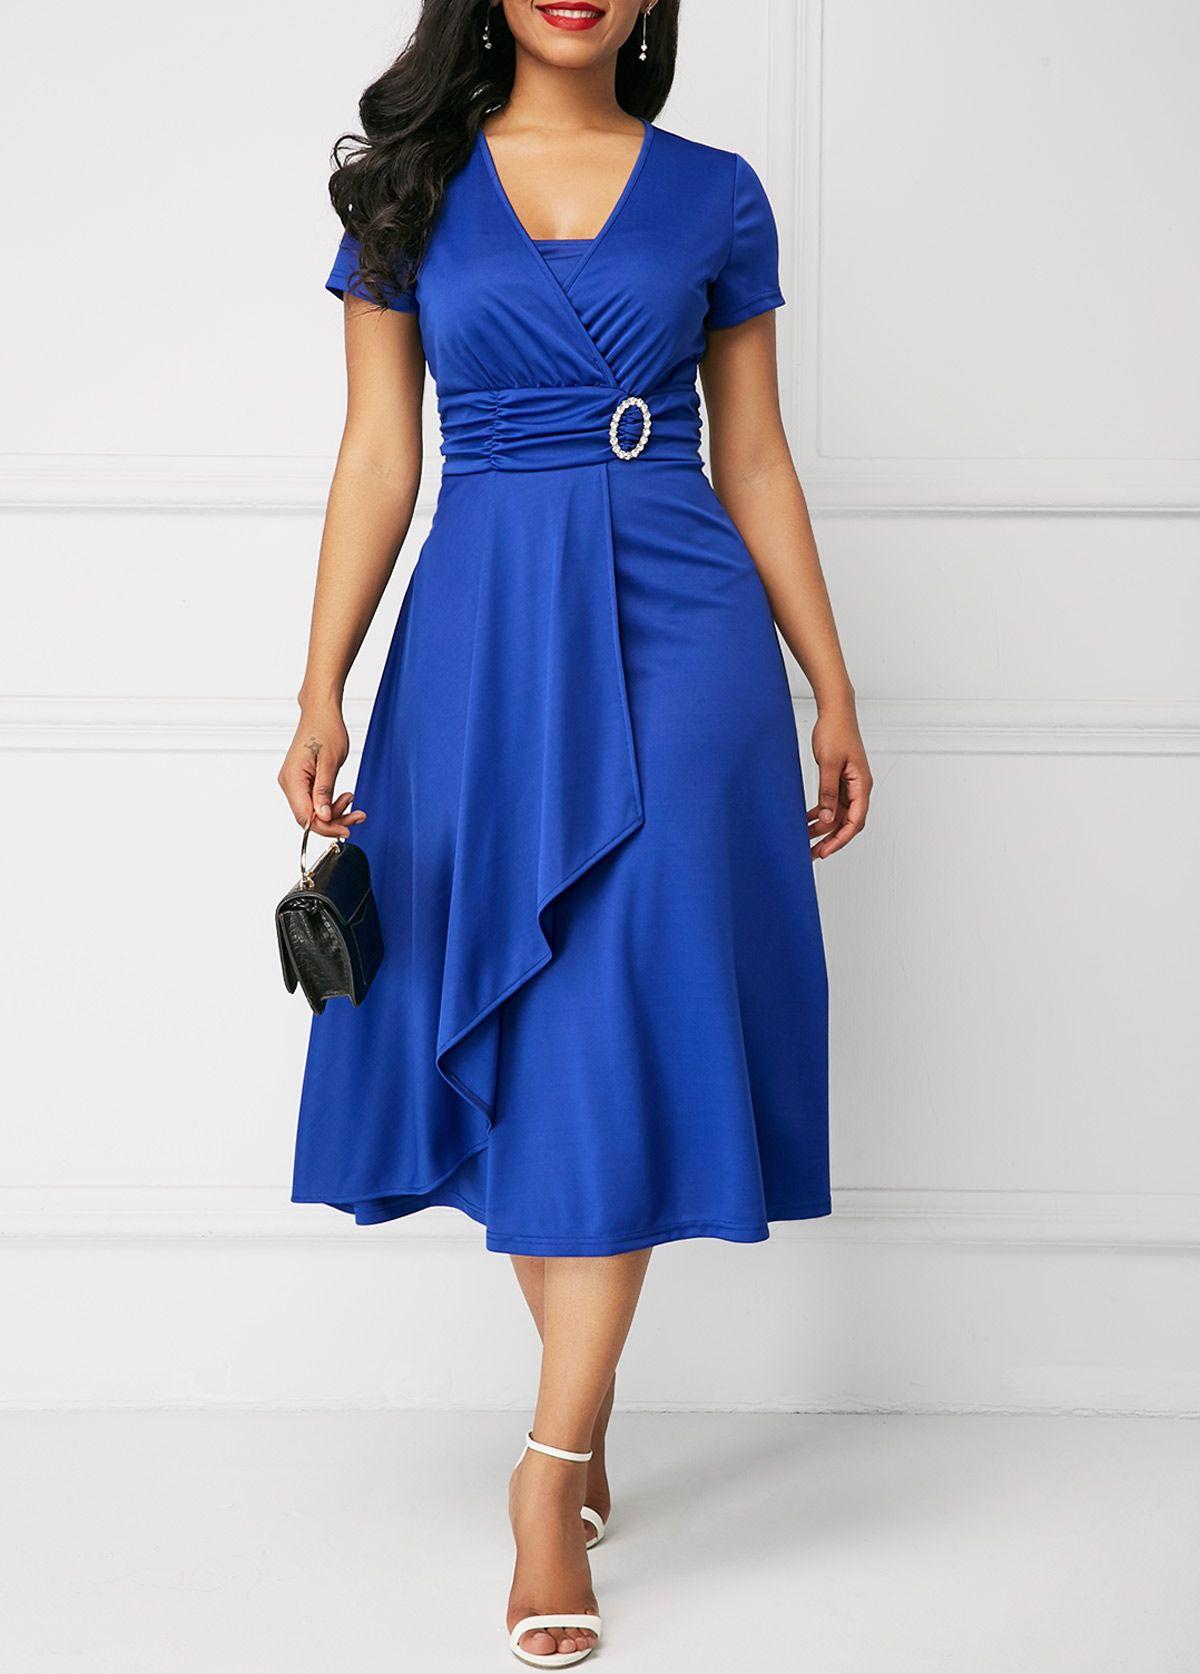 Short Sleeve Royal Blue Asymmetric Hem Dress | Rotita.com ...